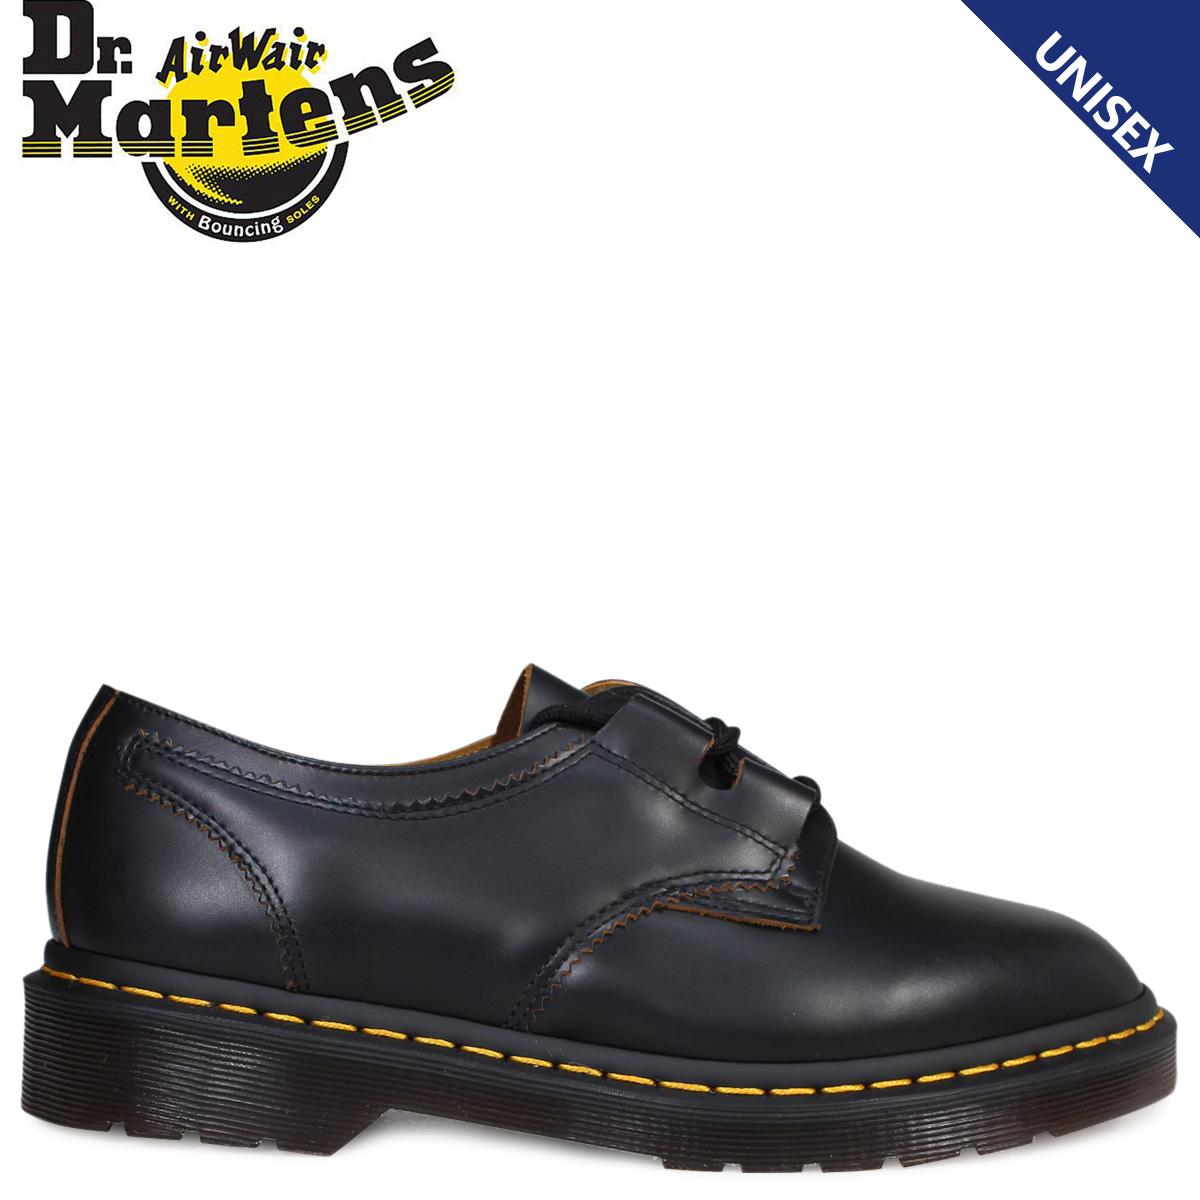 Dr.Martens 1461 メンズ レディース ドクターマーチン ギリーシューズ GHILLIE SHOE R22695001 ブラック 黒